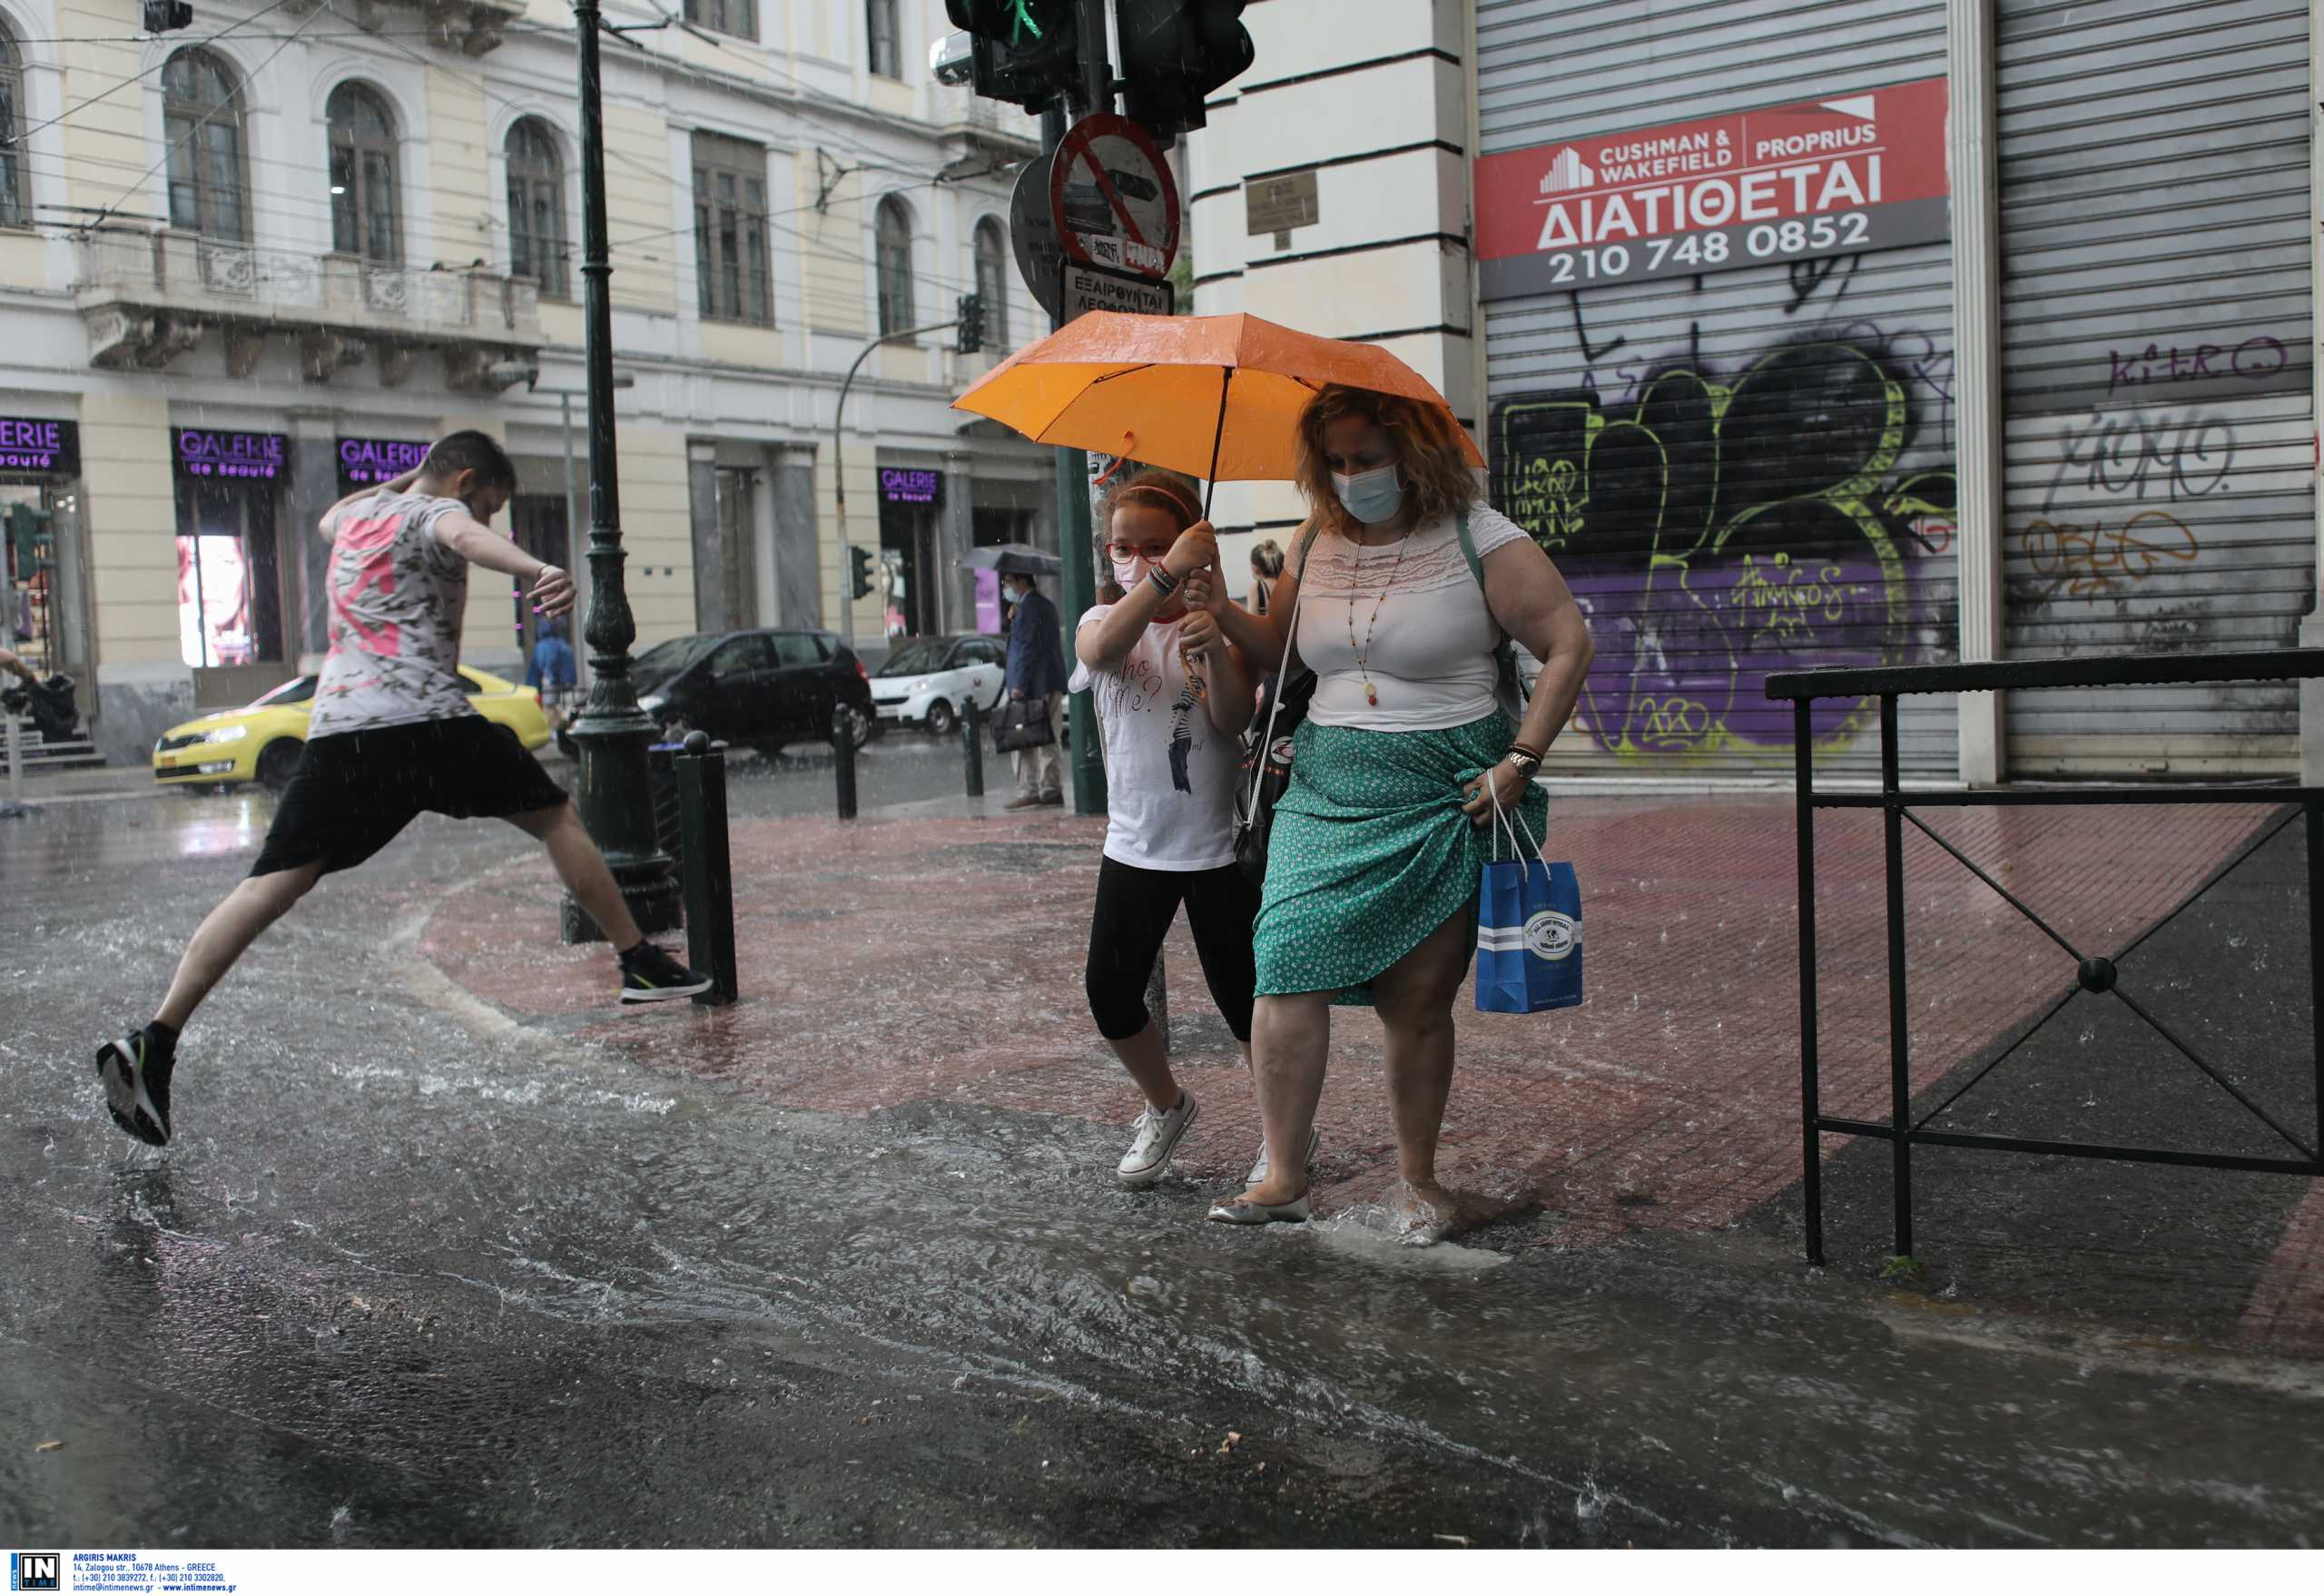 Καιρός: Έρχονται καταιγίδες και μποφόρ την Τετάρτη – Πού θα χτυπήσει η κακοκαιρία